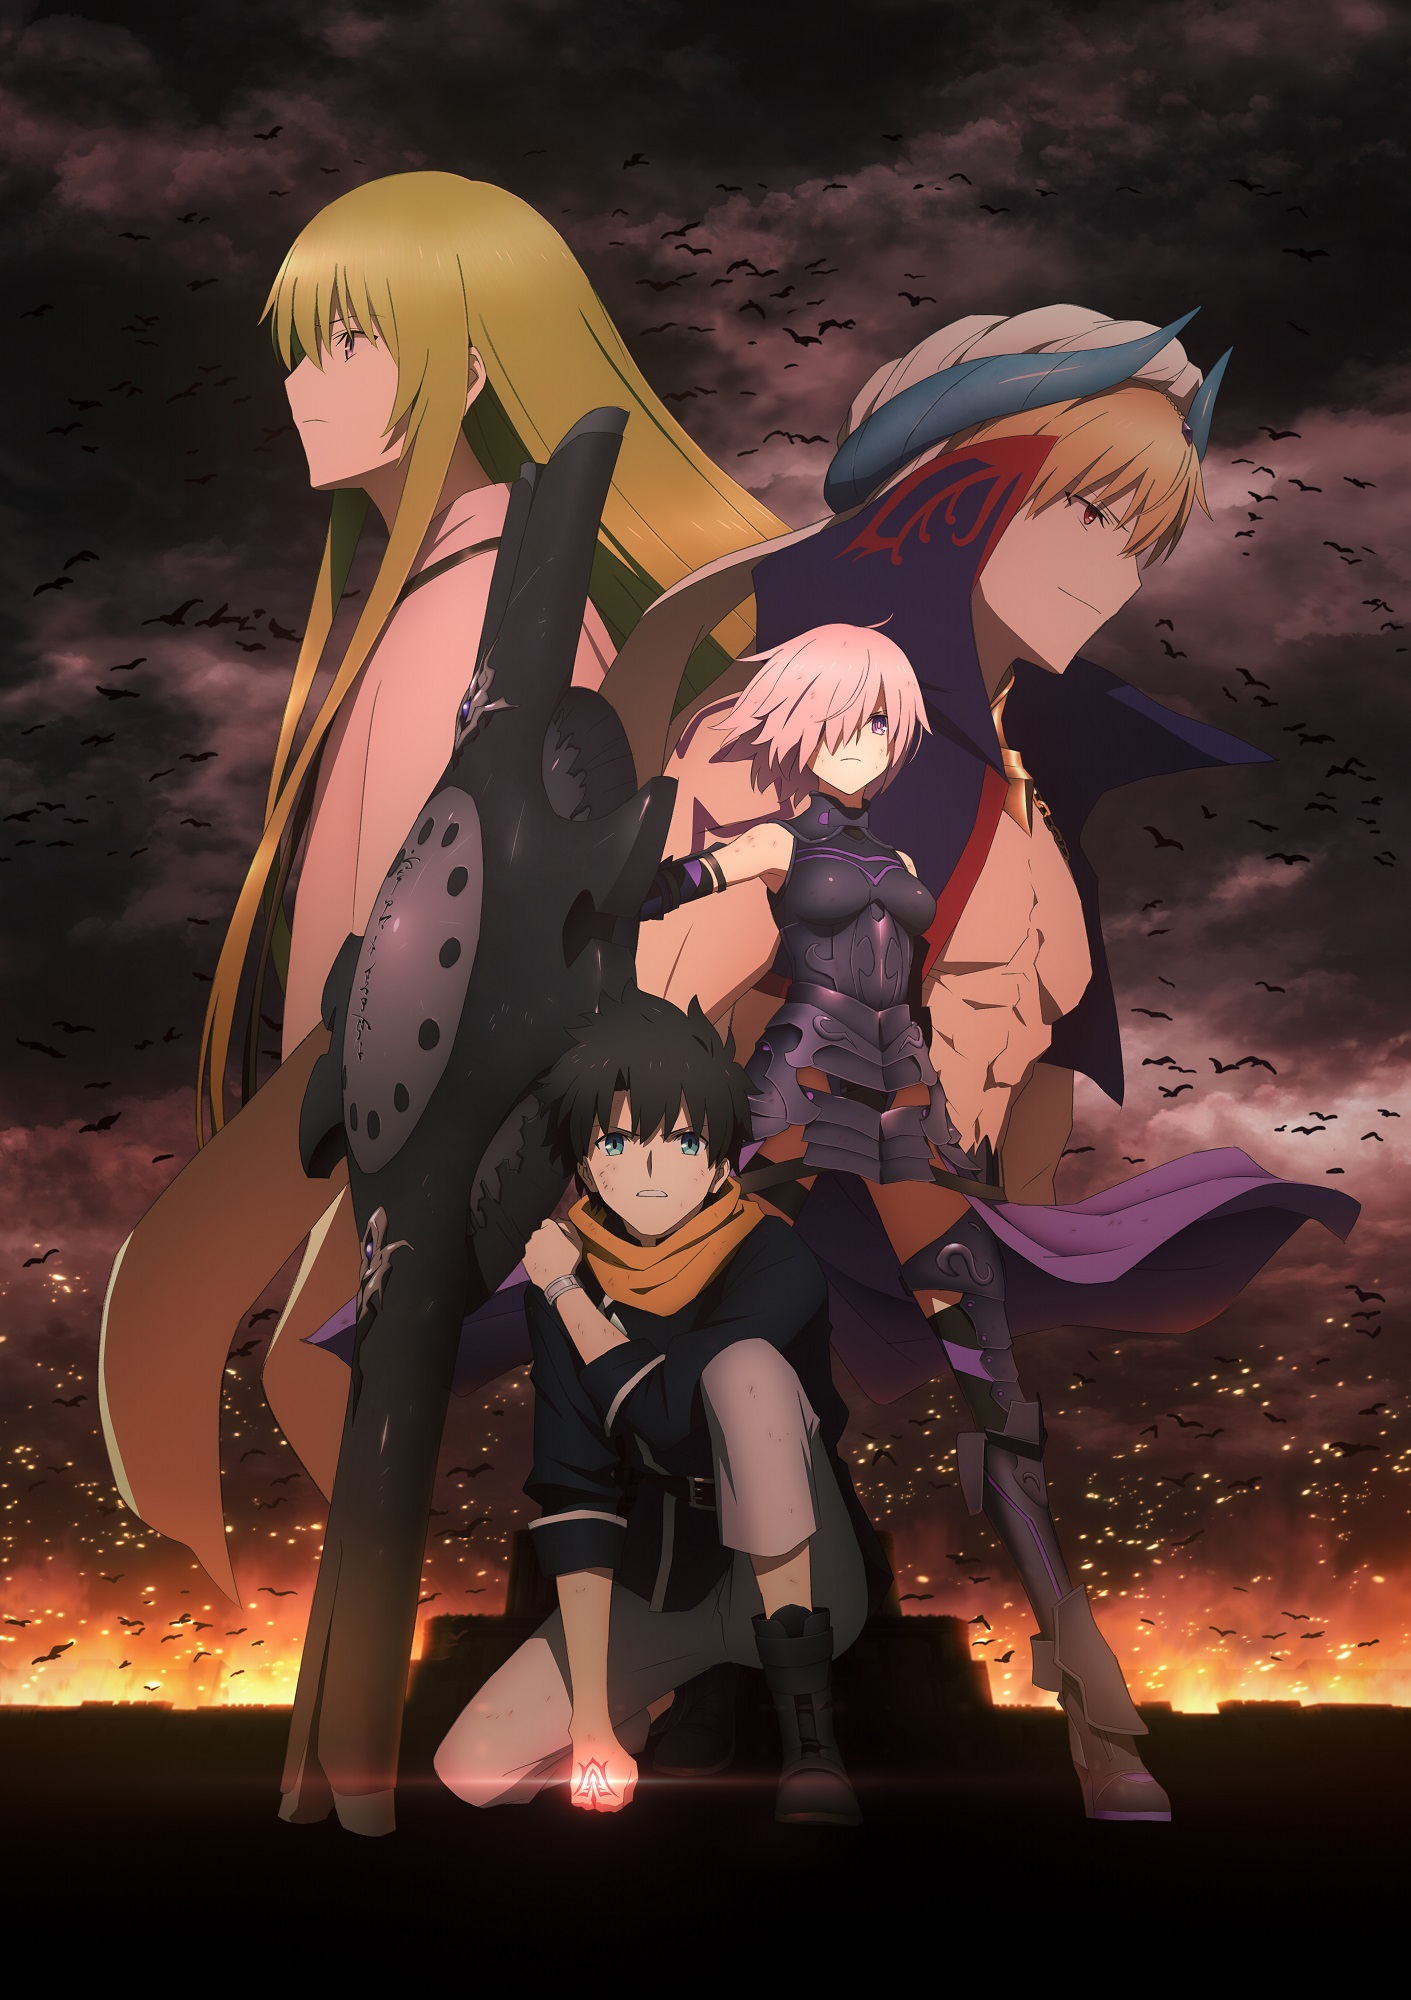 Milet Tvアニメ Fate Grand Order 絶対魔獣戦線バビロニア Ed